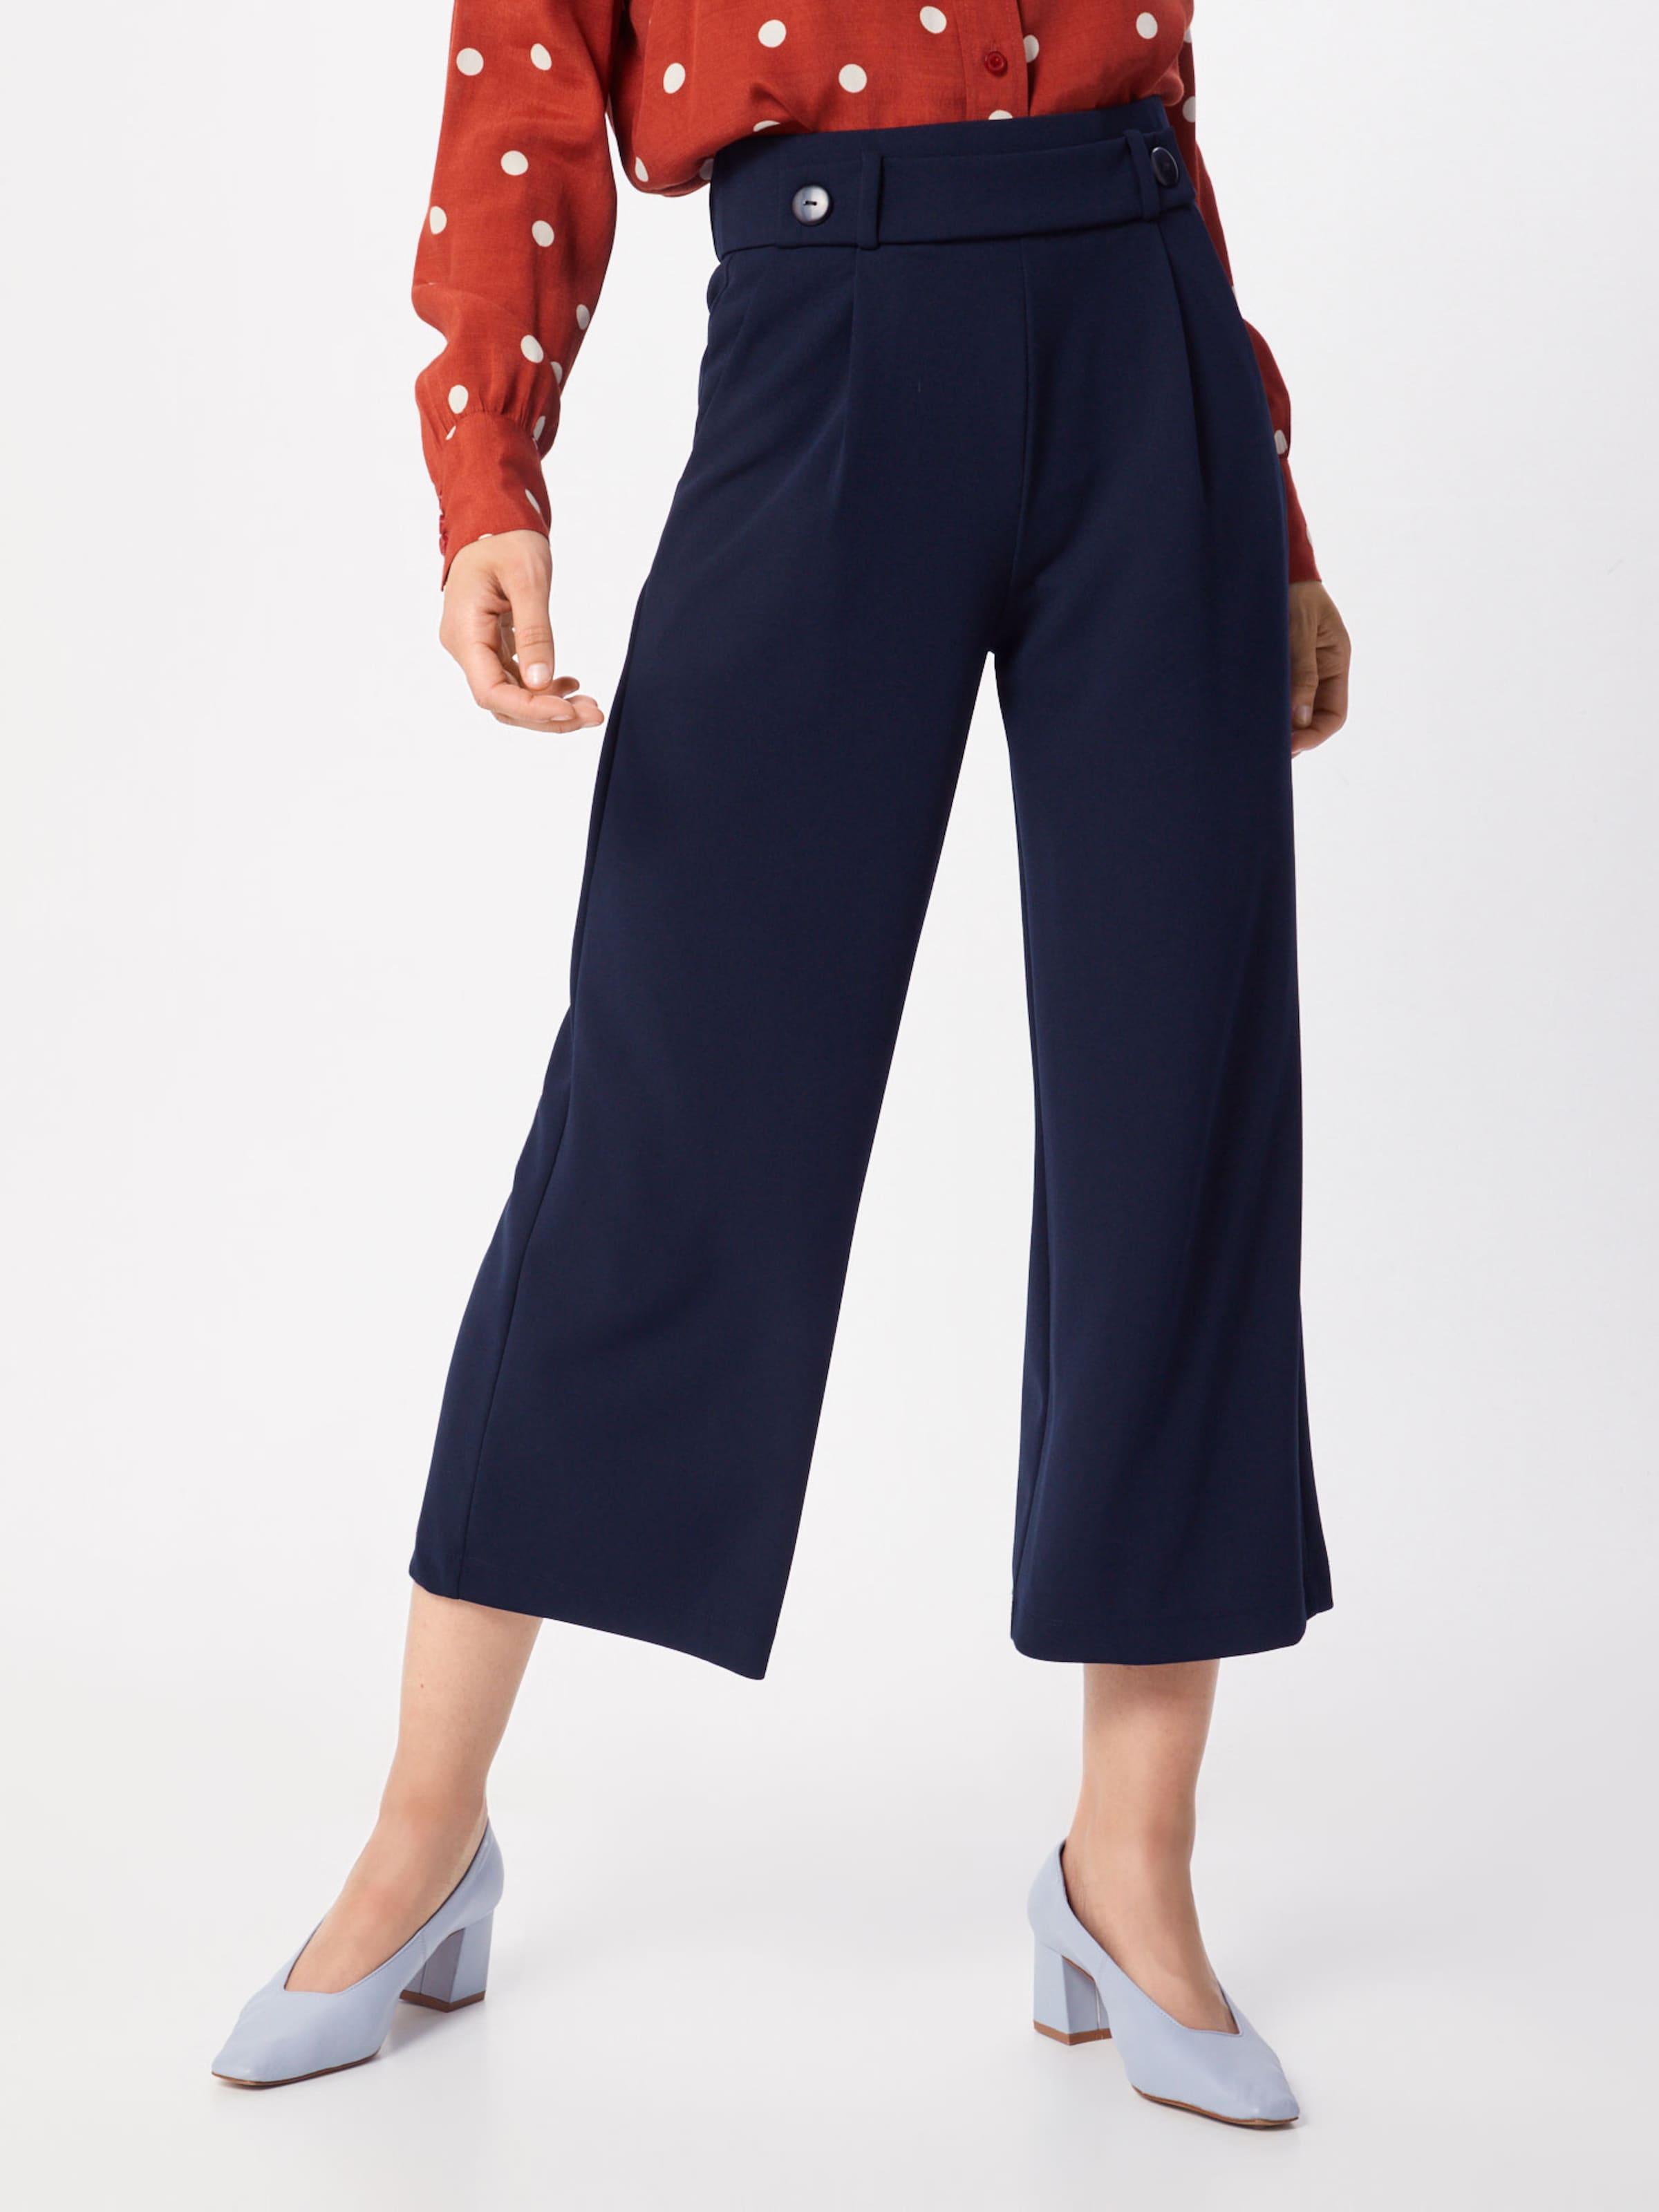 Bleu Nuit Yong 'geggo' De En Pince À Pantalon Jacqueline shtQCrd